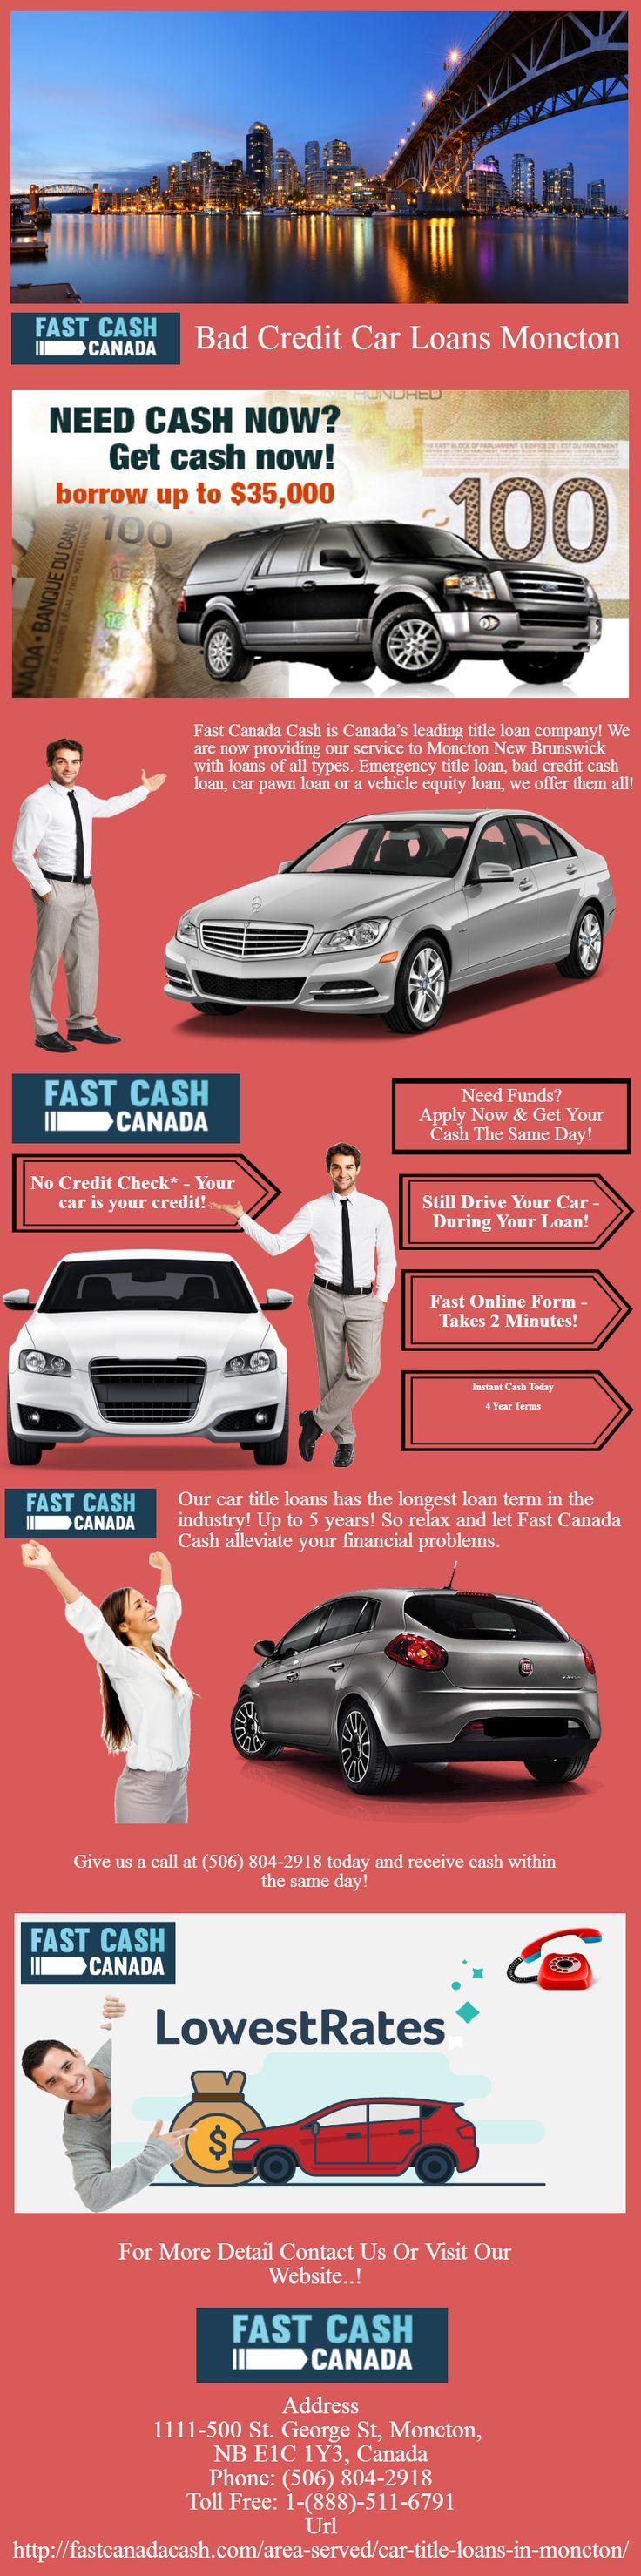 No bank gives you loans because of bad credit